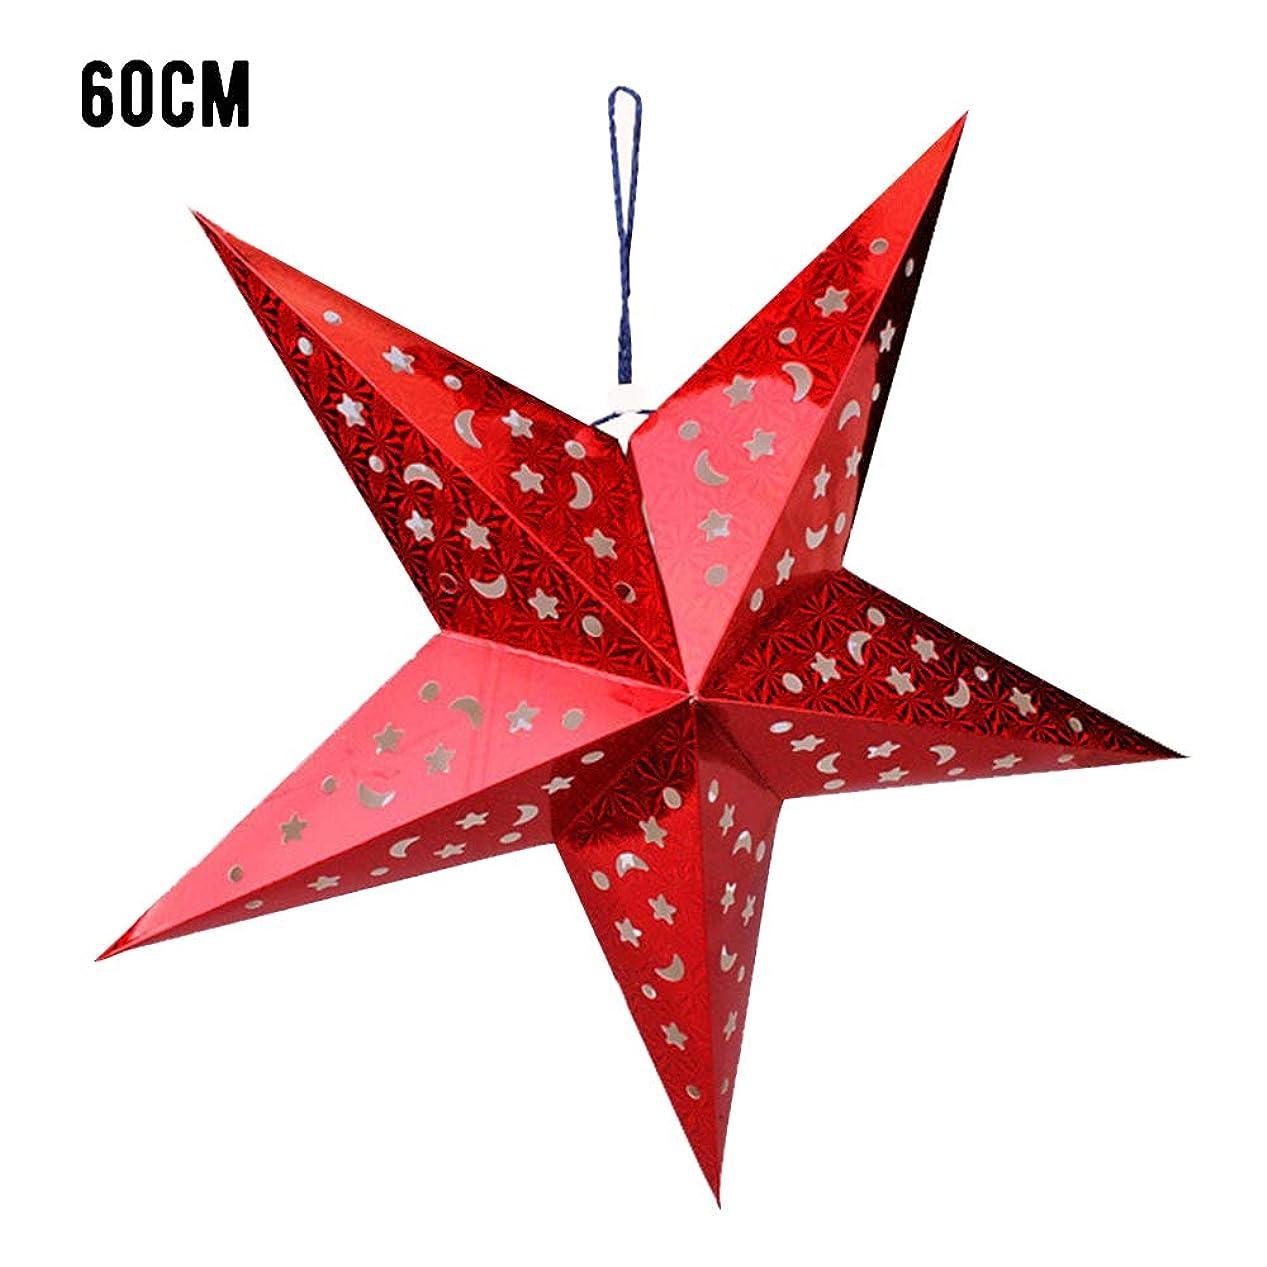 不振打ち上げるテーマクリスマストロップ GerTong レーザー紙 3D ぶら下げ 五芒星 スター柄 立体 星型 クリスマスツリー装飾 飾り オーナメント ランプシェード (レッド 60cm)